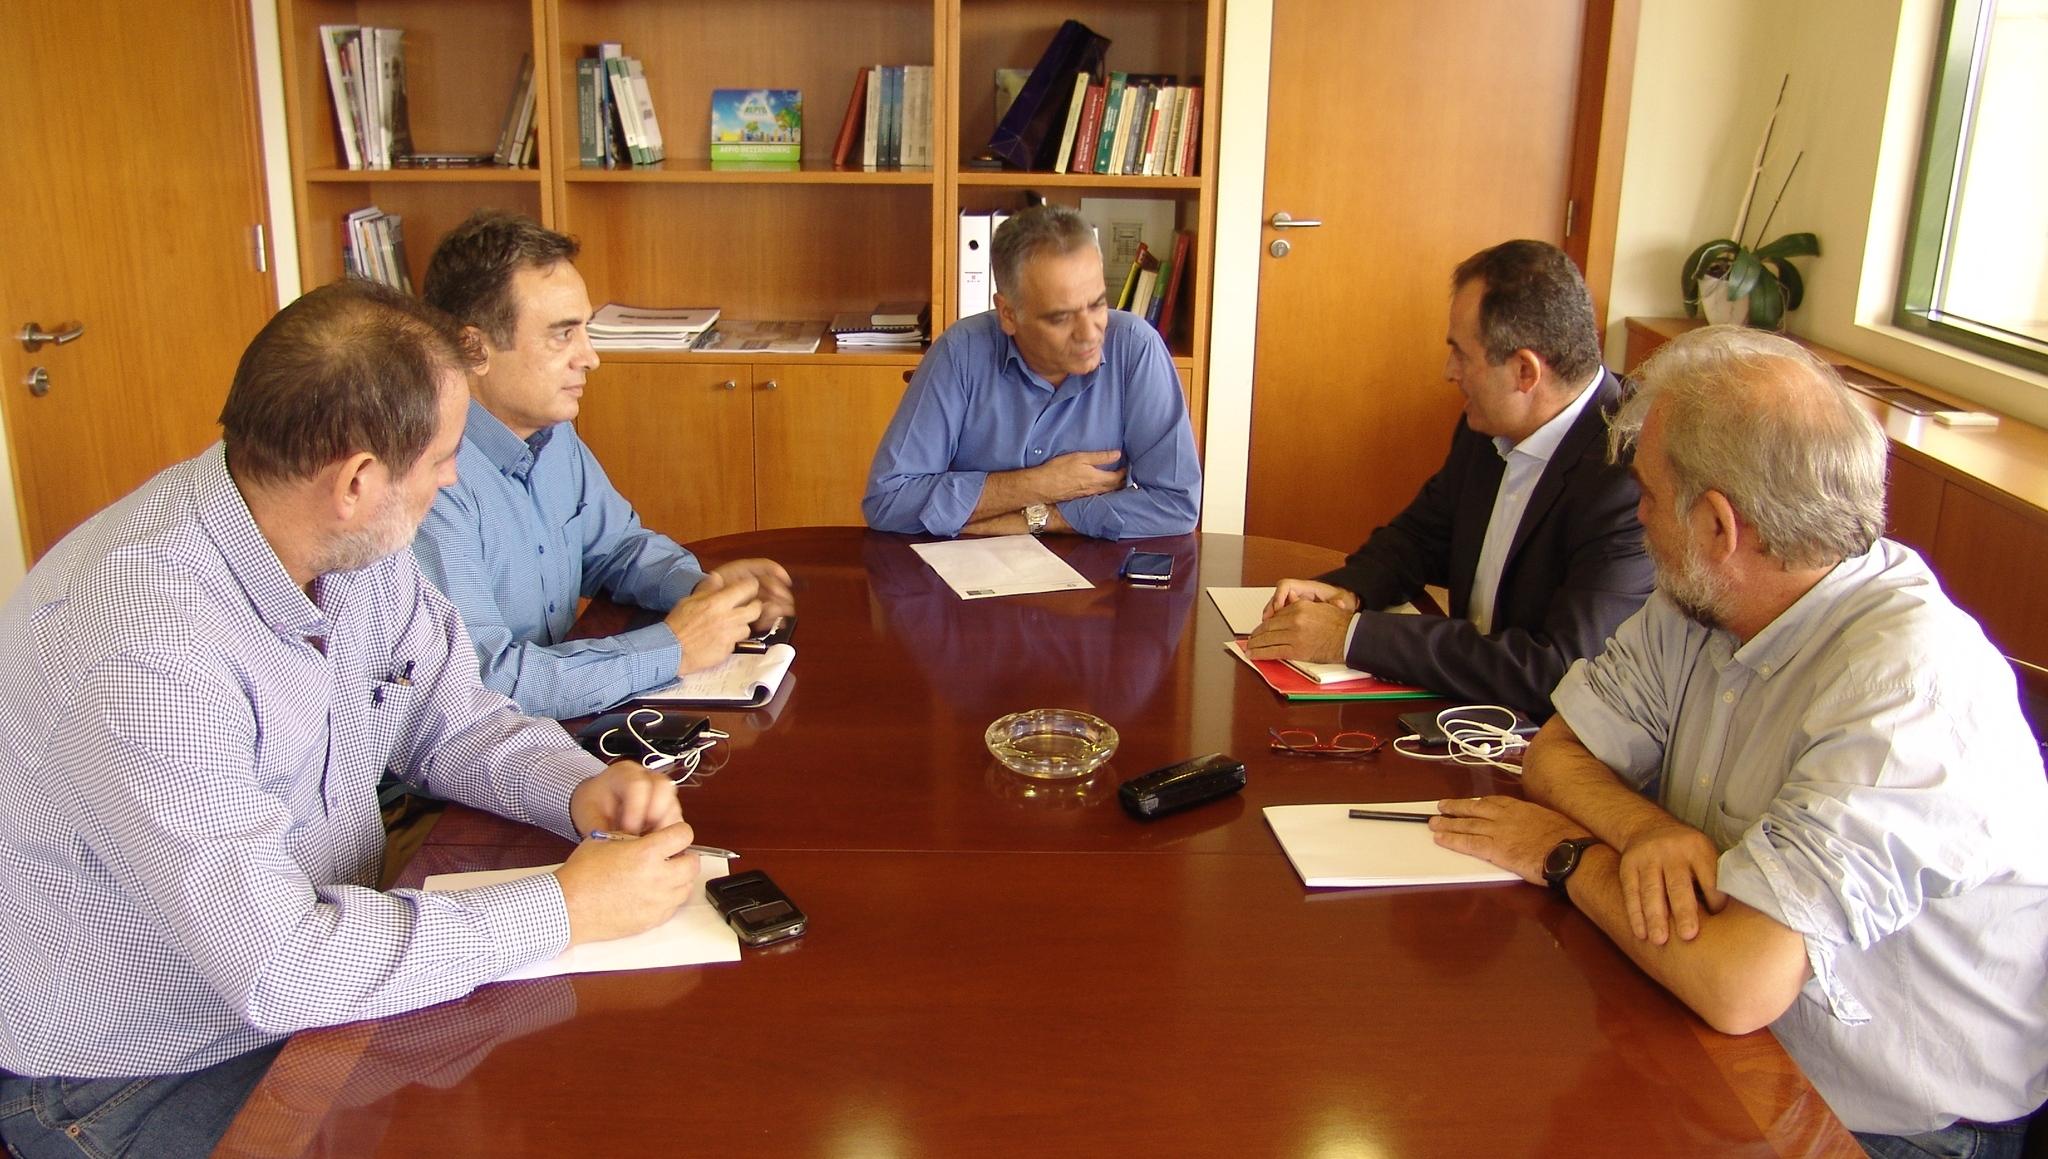 Με τον Υπουργό ΠΕΝ συναντήθηκε η ΓΕΝΟΠ/ΔΕΗ-ΚΗΕ για το θέμα του ΑΔΜΗΕ